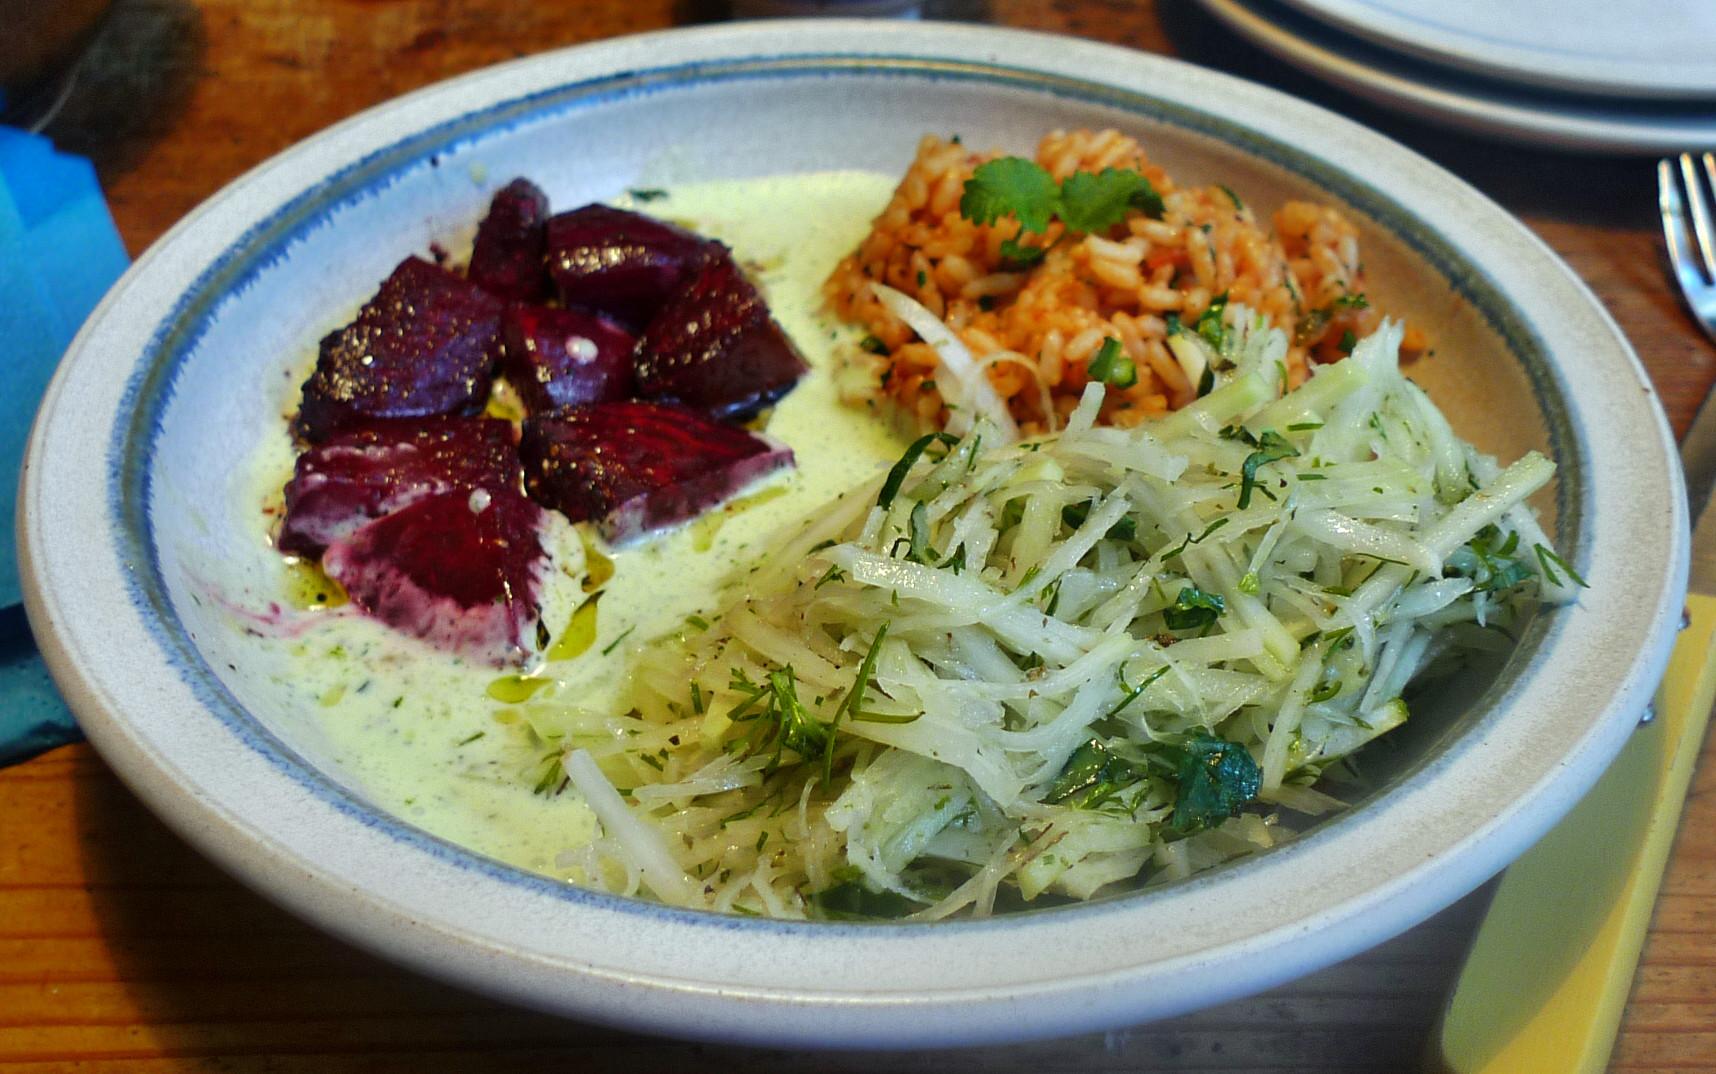 Rote betegemüse,gebratener Reis,Joghurtdip,Kohlrabisalat - 27.3.15   (14)